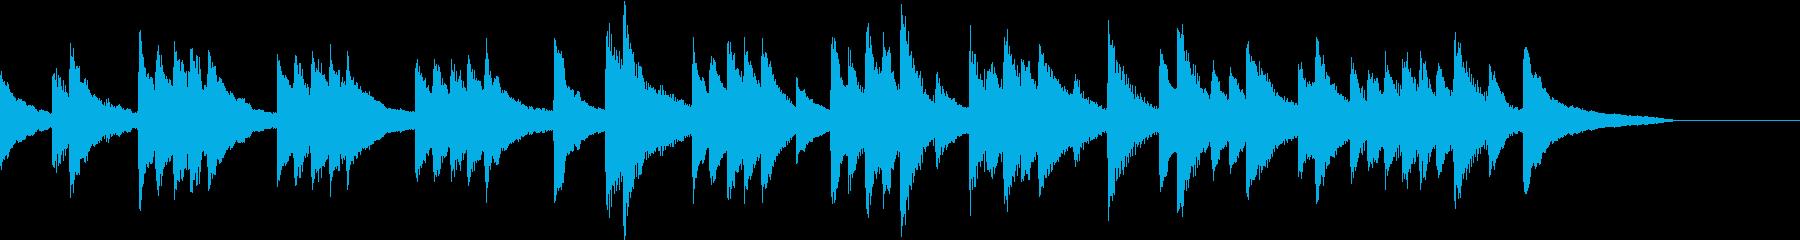 低音の響きを生かした懐しいピアノジングルの再生済みの波形